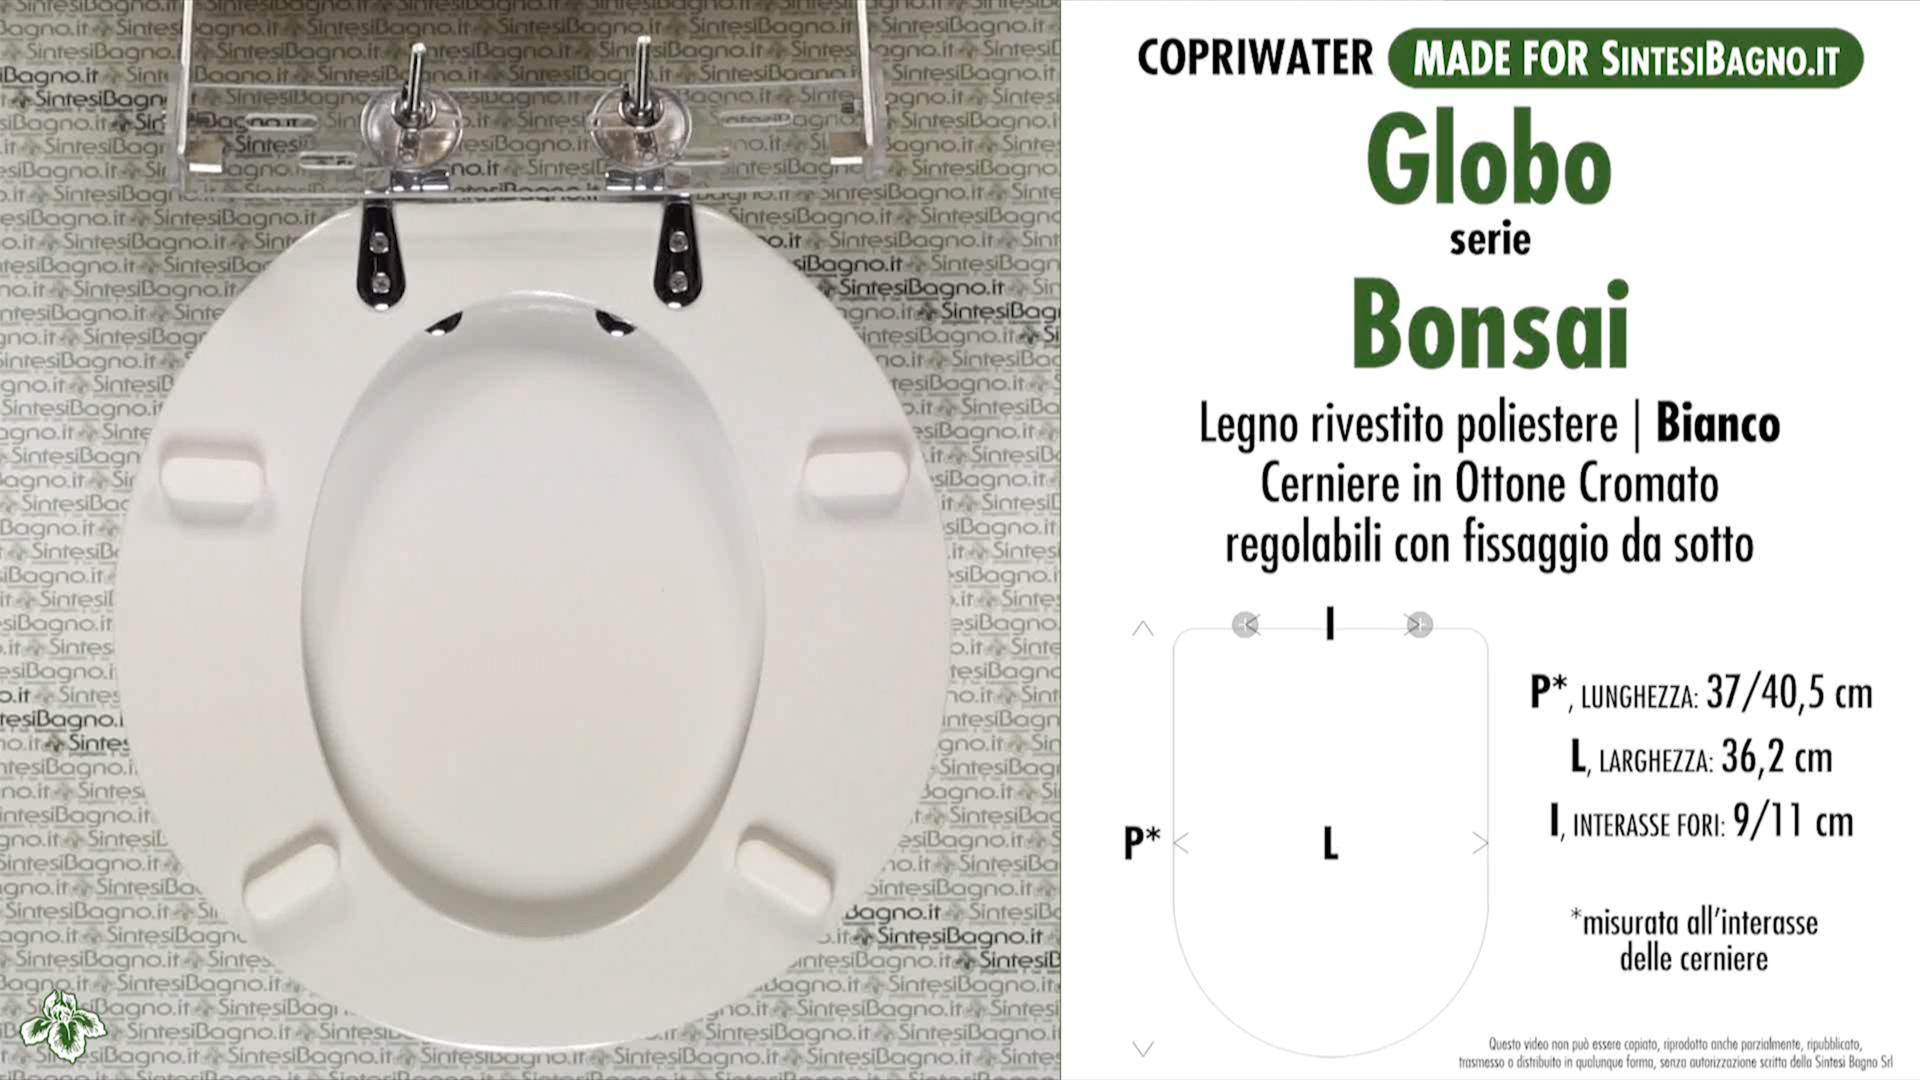 SCHEDE TECNICHE misure copriwater GLOBO serie BONSAI